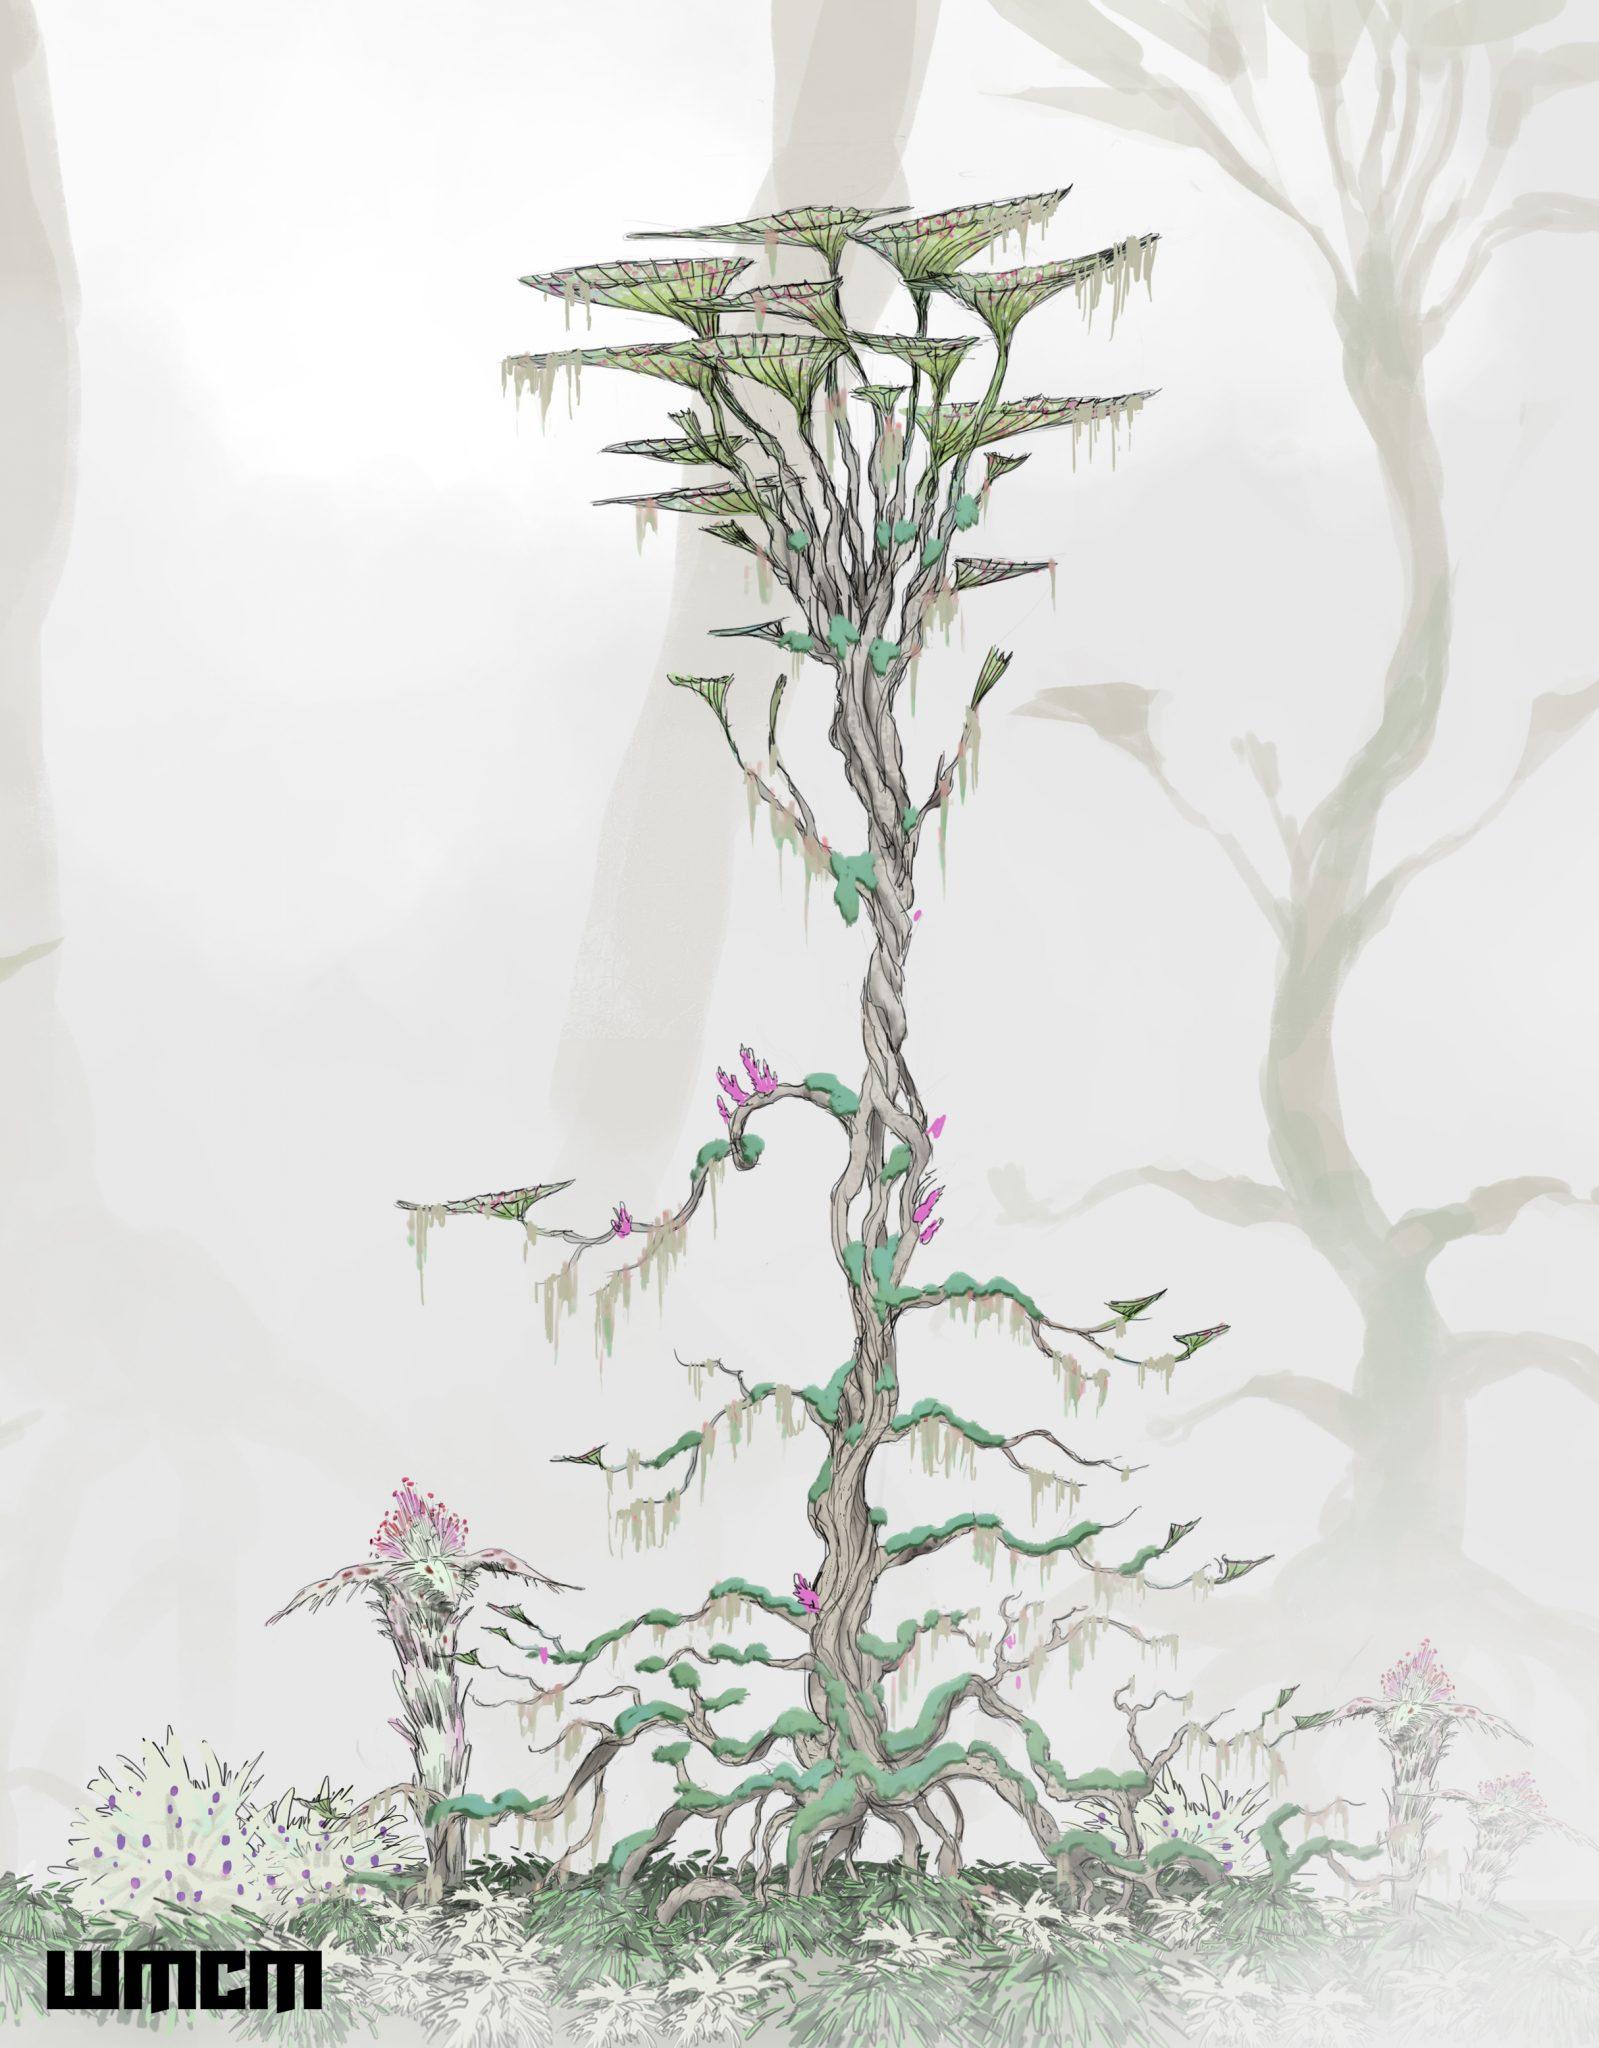 Design einer Alien-Pflanze im Nebelwald